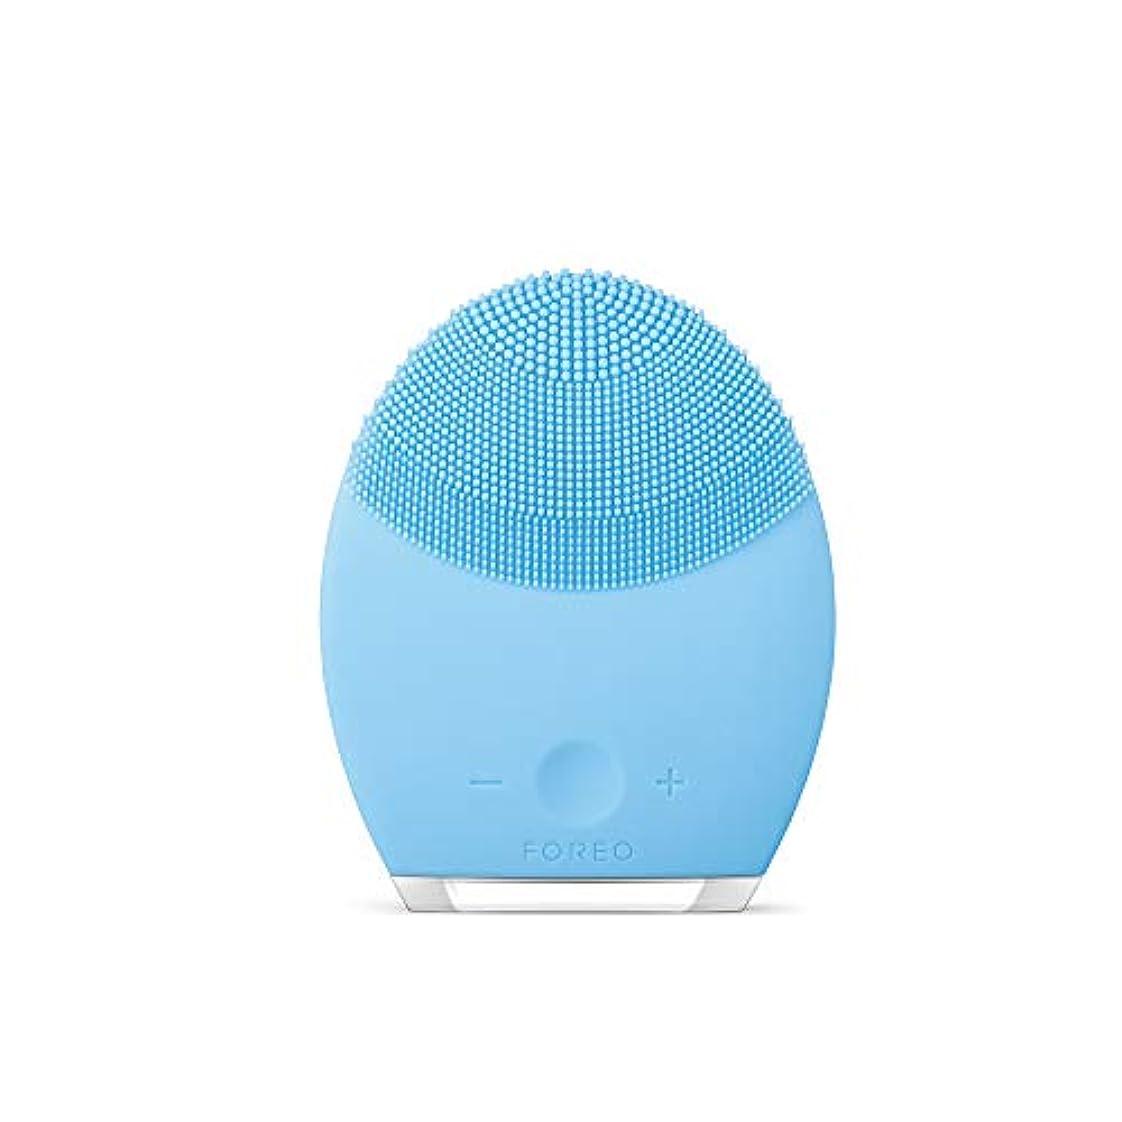 領事館関係する解説FOREO LUNA 2 for コンビネーションスキン 電動洗顔ブラシ シリコーン製 音波振動 エイジングケア※